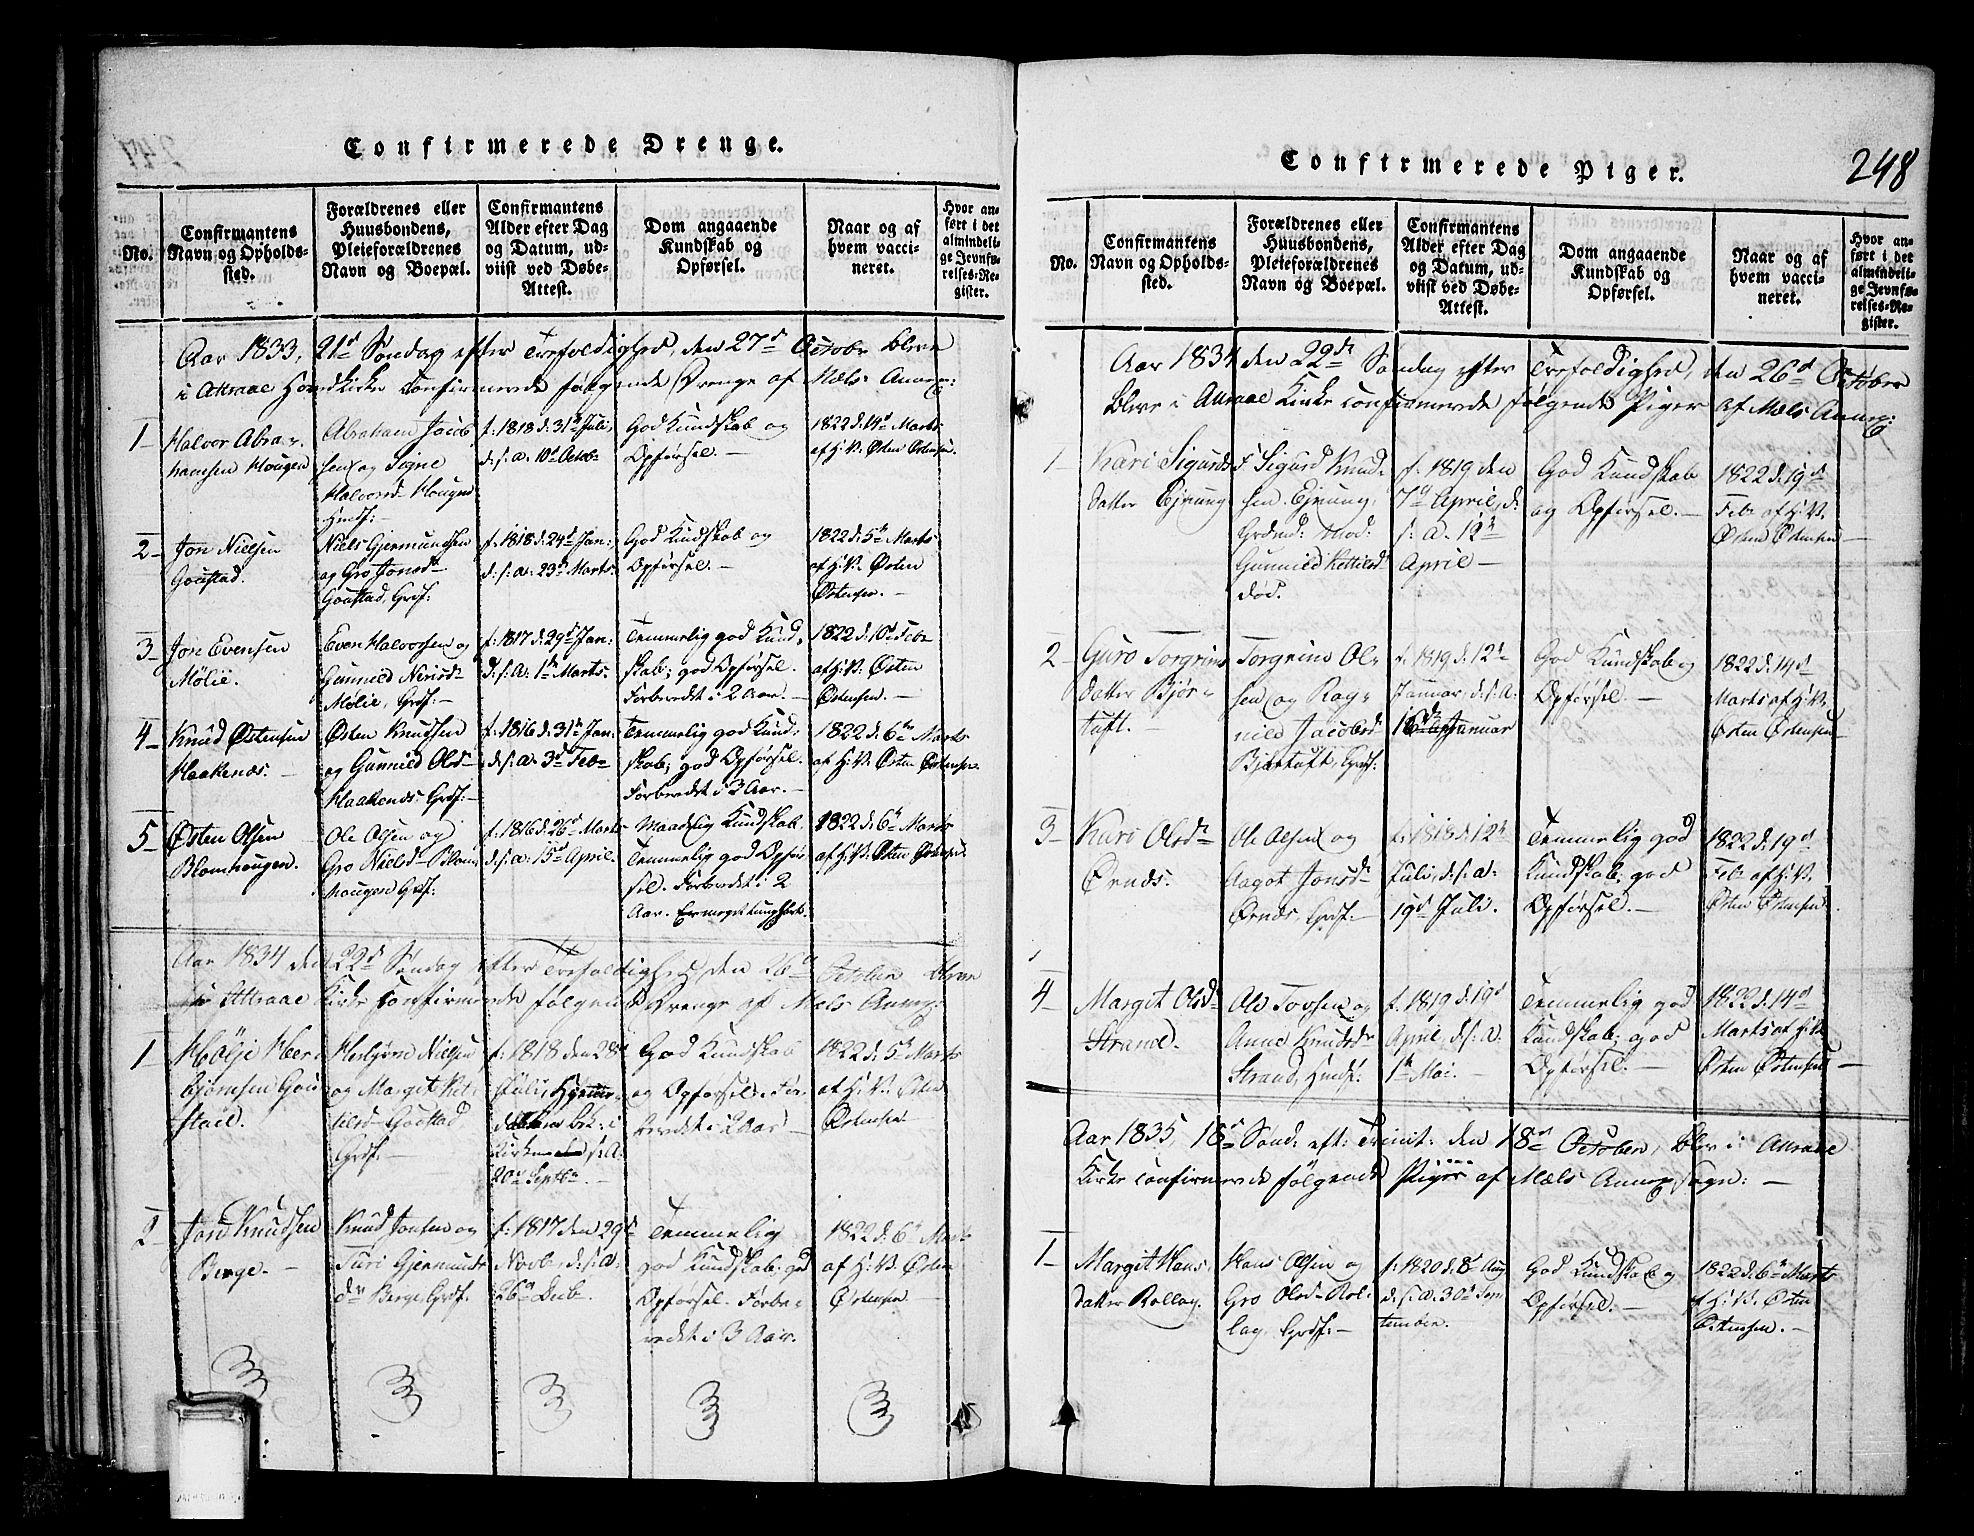 SAKO, Tinn kirkebøker, G/Gb/L0001: Klokkerbok nr. II 1 /1, 1815-1850, s. 248